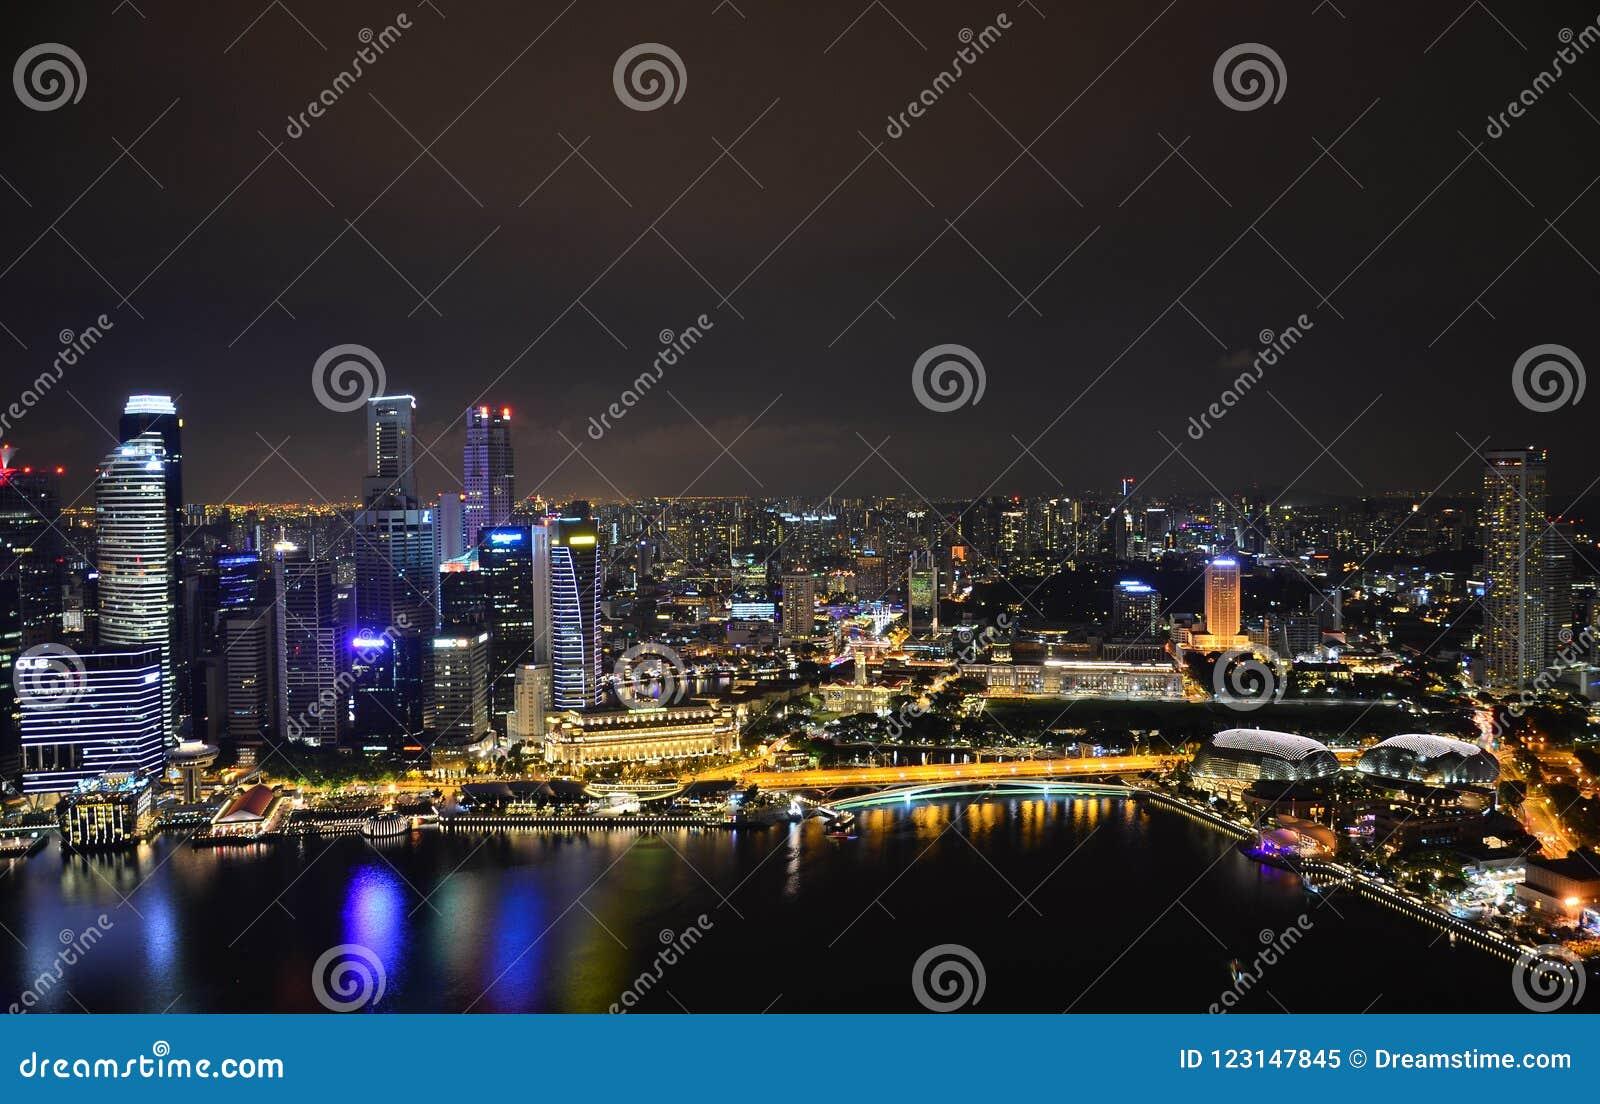 Le ciel nocturne de Singapour Réflexions et éclat sur l eau Le vol de l oiseau - 1